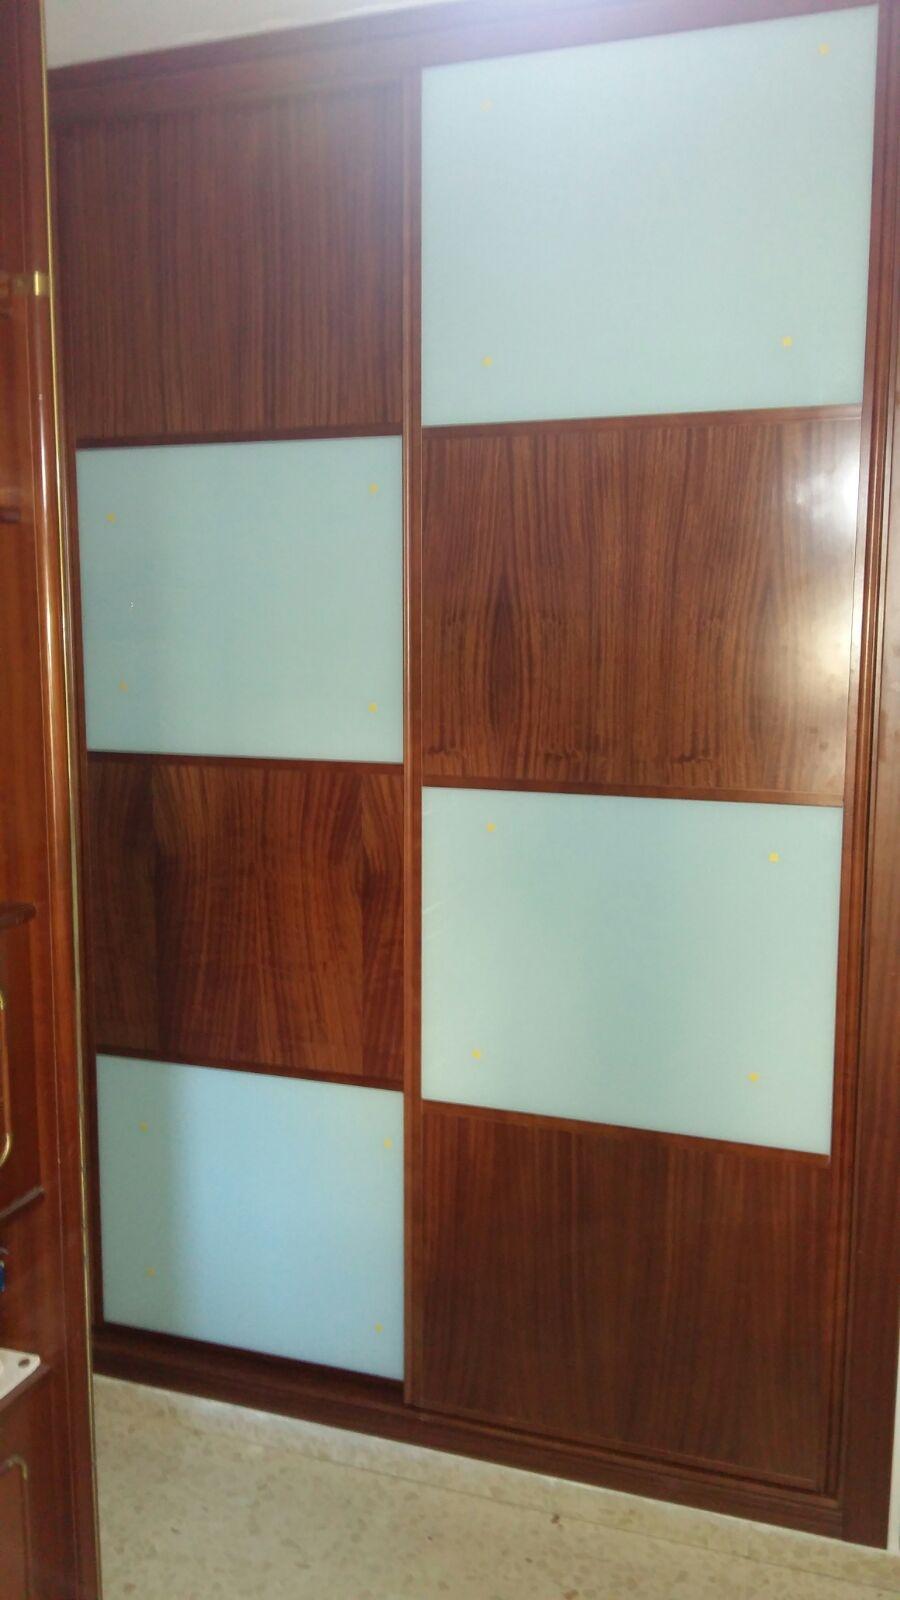 Cuanto cuesta lacar un mueble top lacar muebles en blanco for Cuanto cuesta una puerta de madera